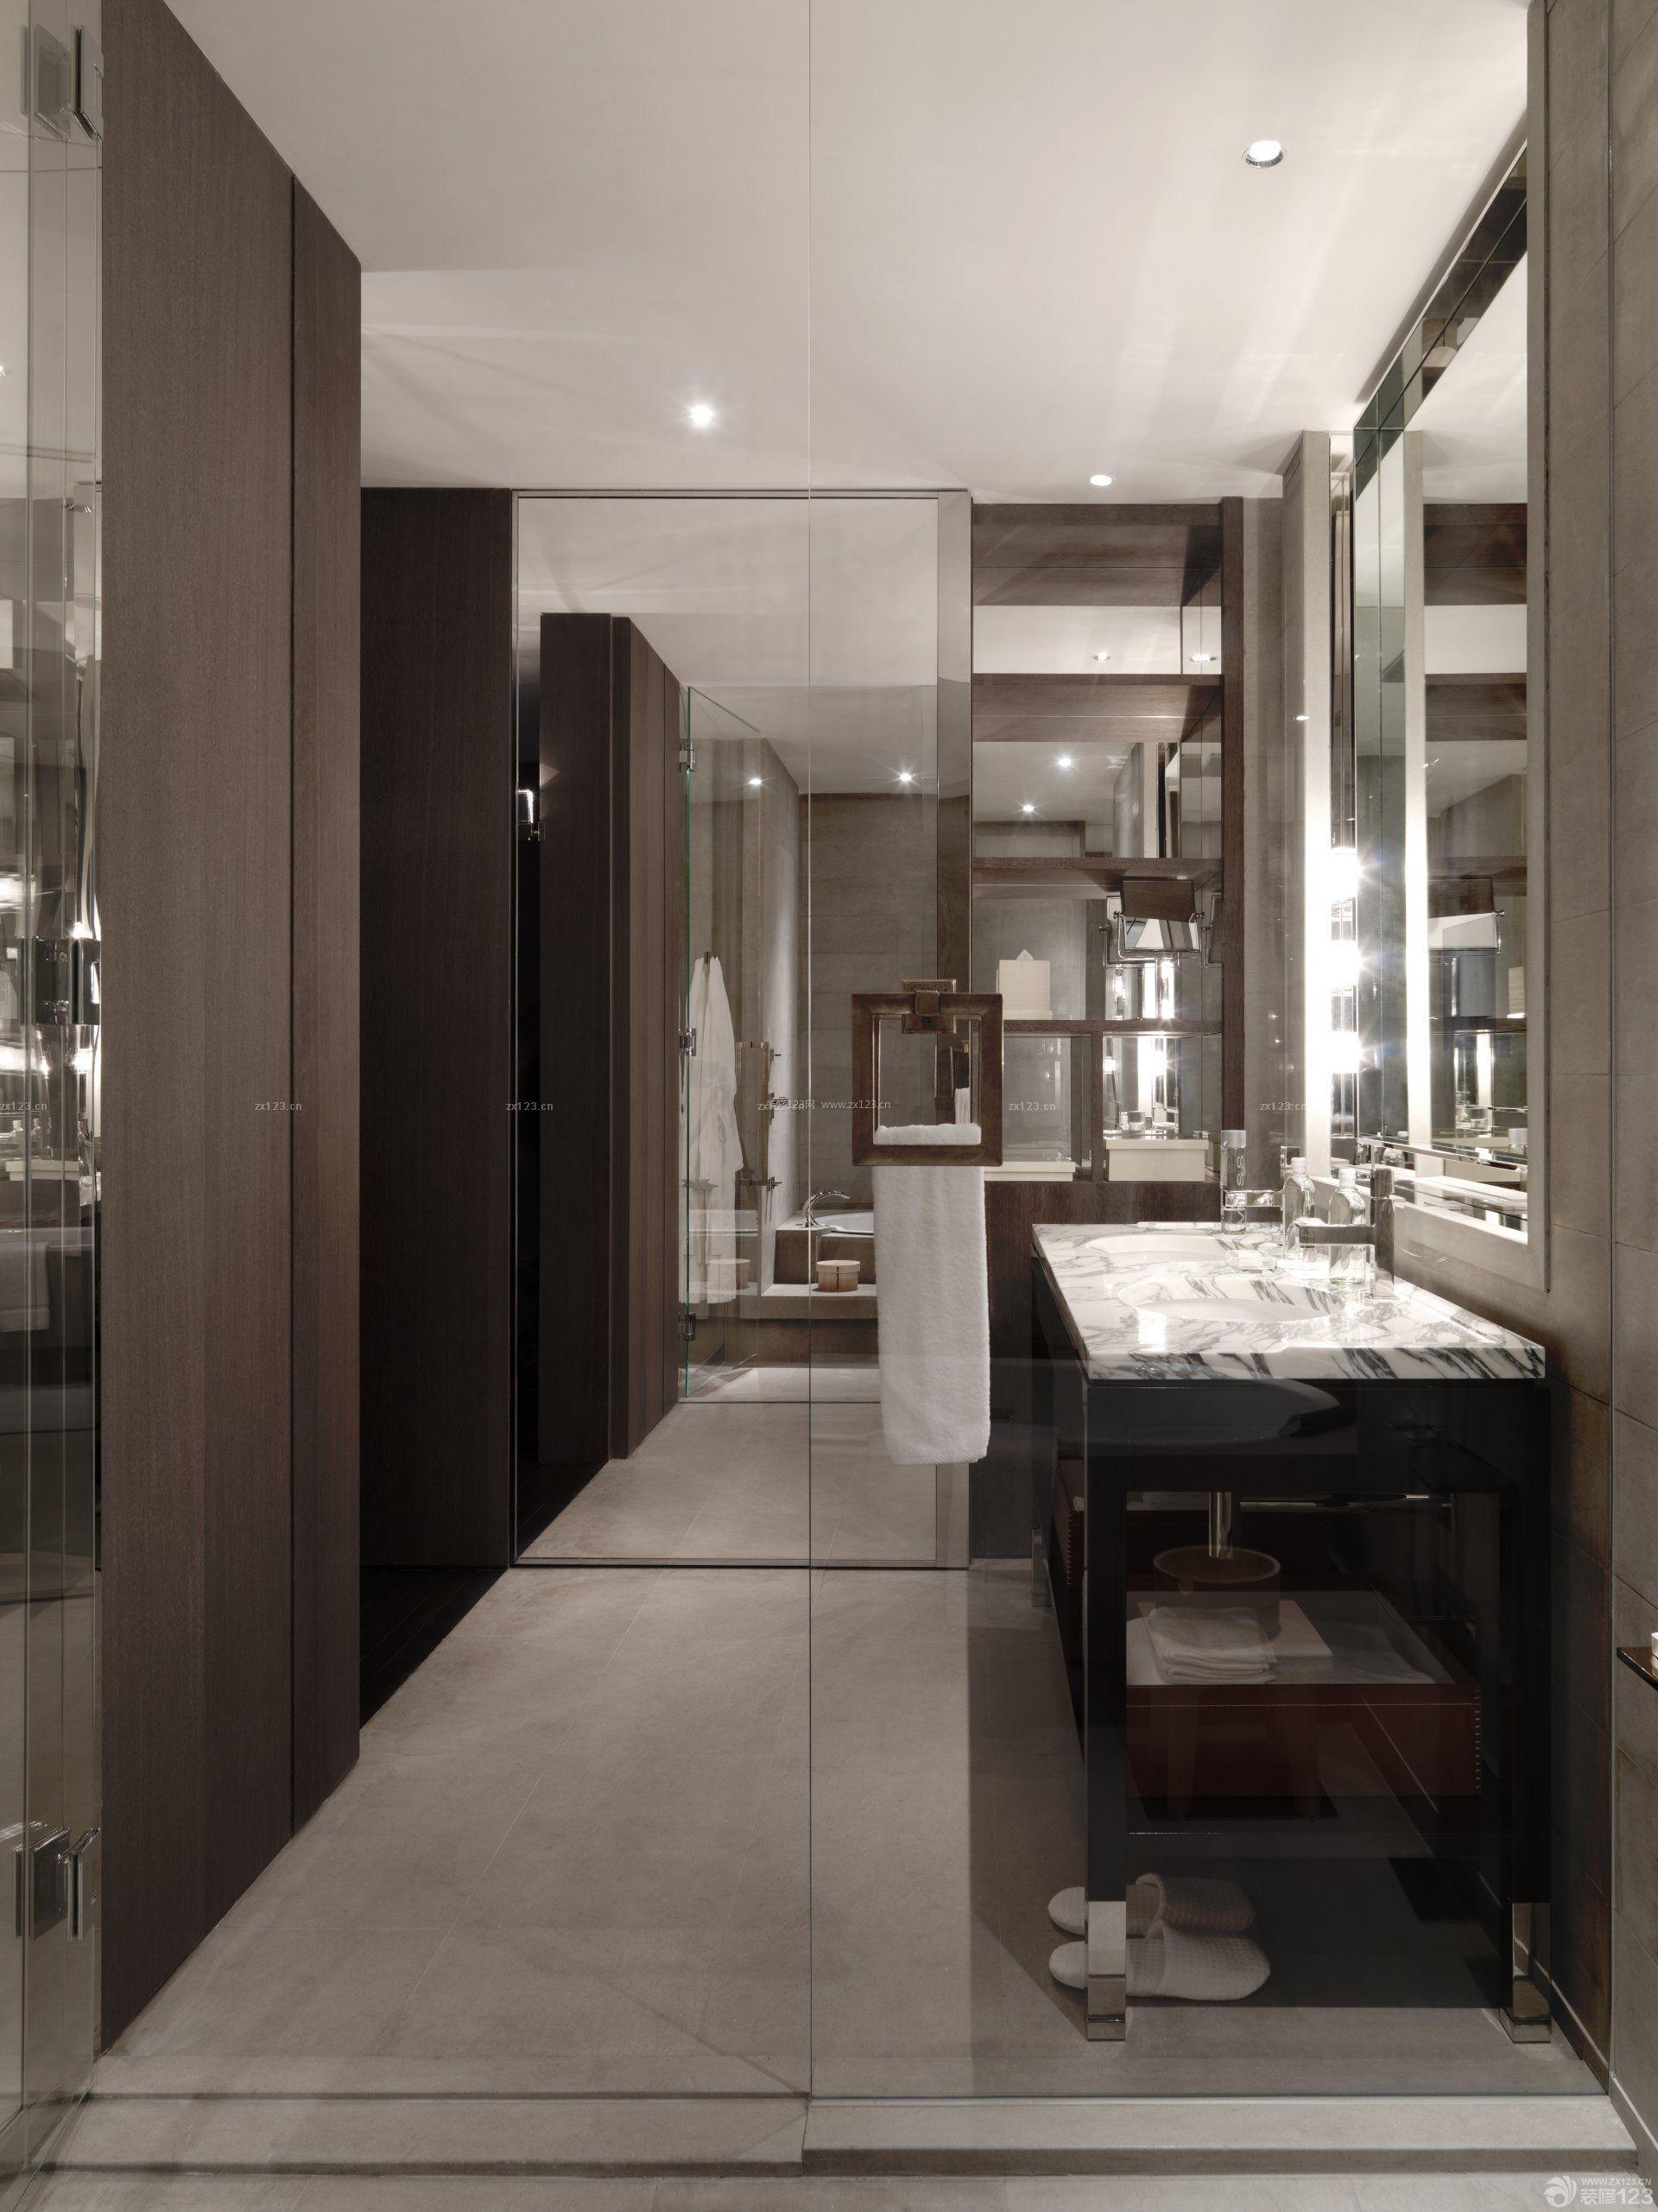 小型酒店洗手间隔断装修设计图片